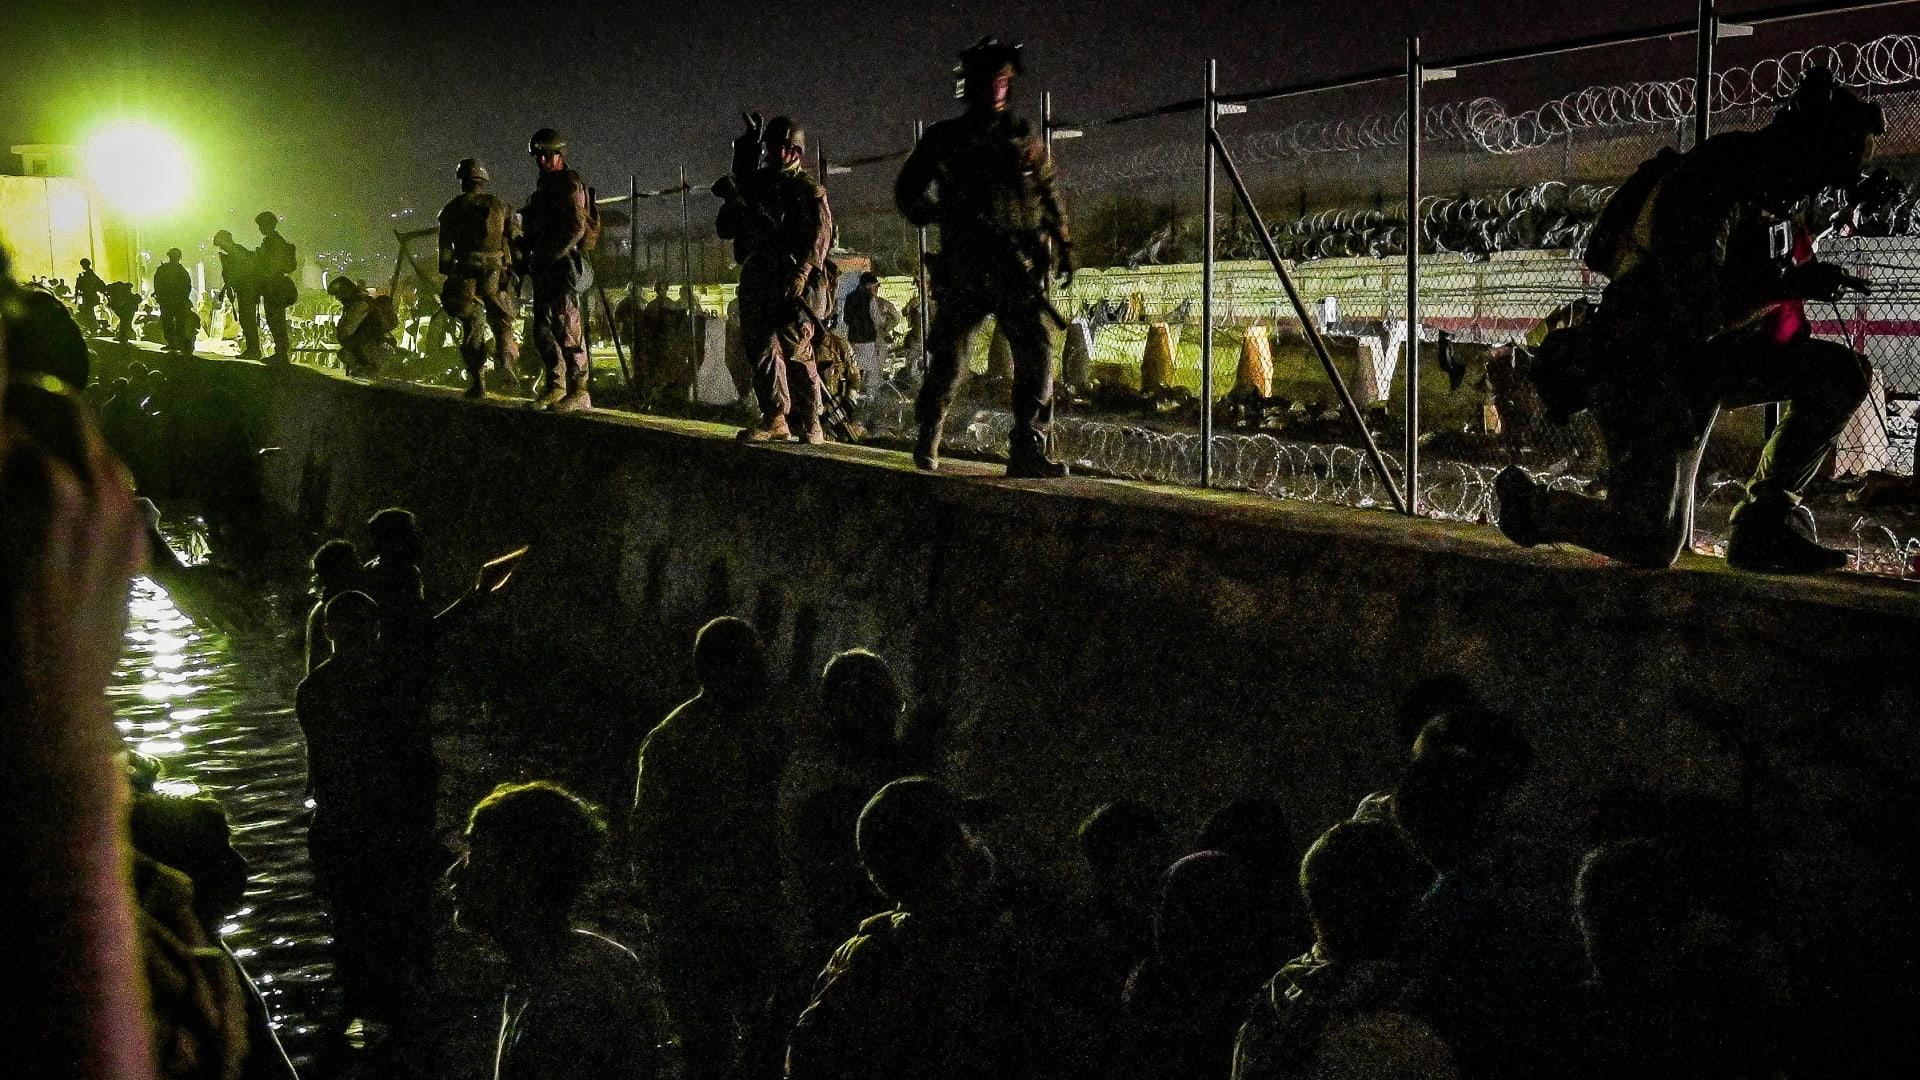 هجوم مطار كابل أسفر عن أكبر عدد من القتلى الأمريكيين في أفغانستان منذ 2011